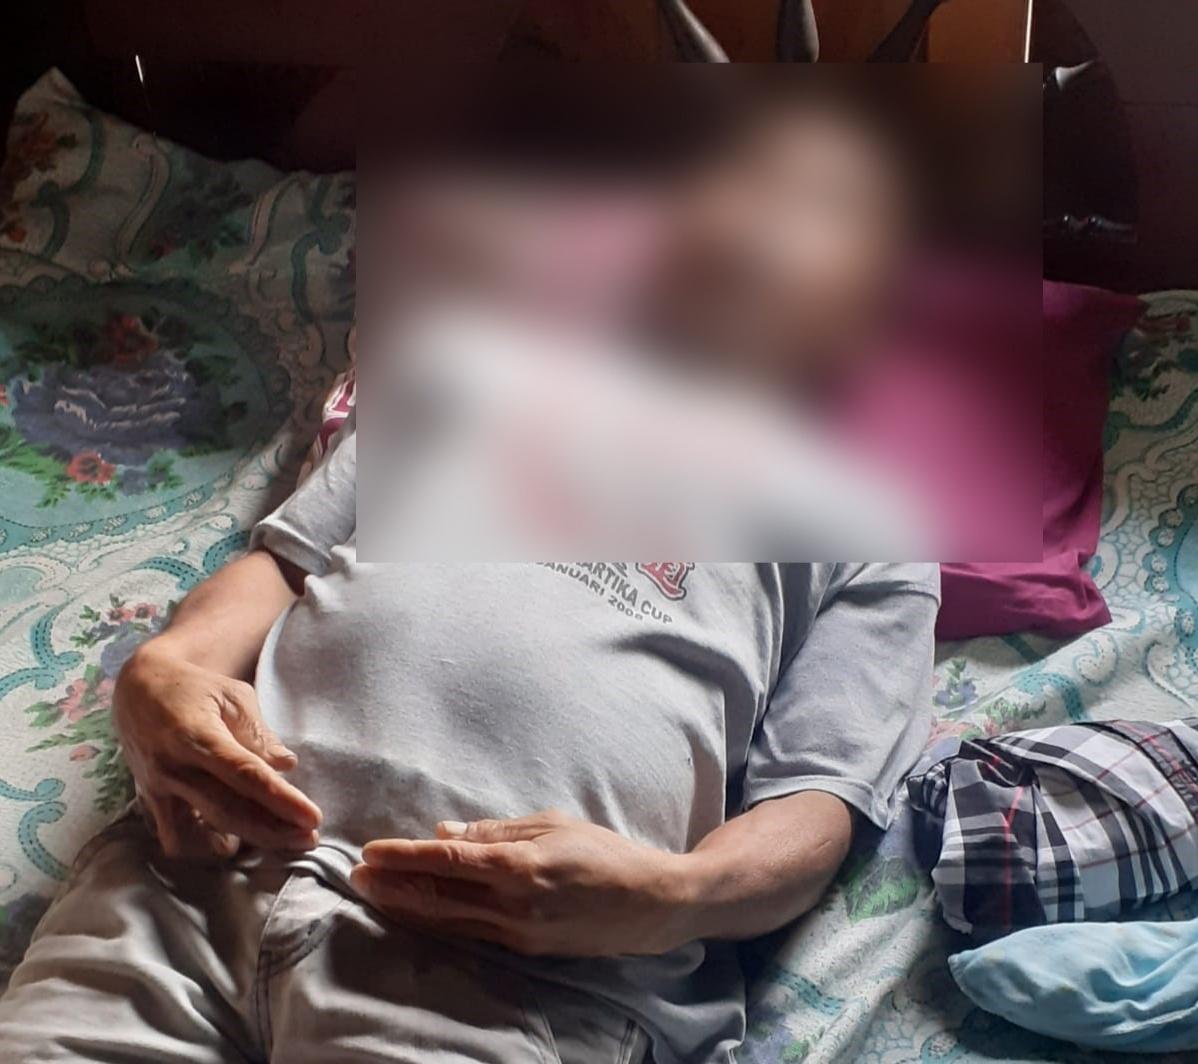 Diduga Depresi, Pria Warga Desa Raanan Lama Nekat Gantung Diri